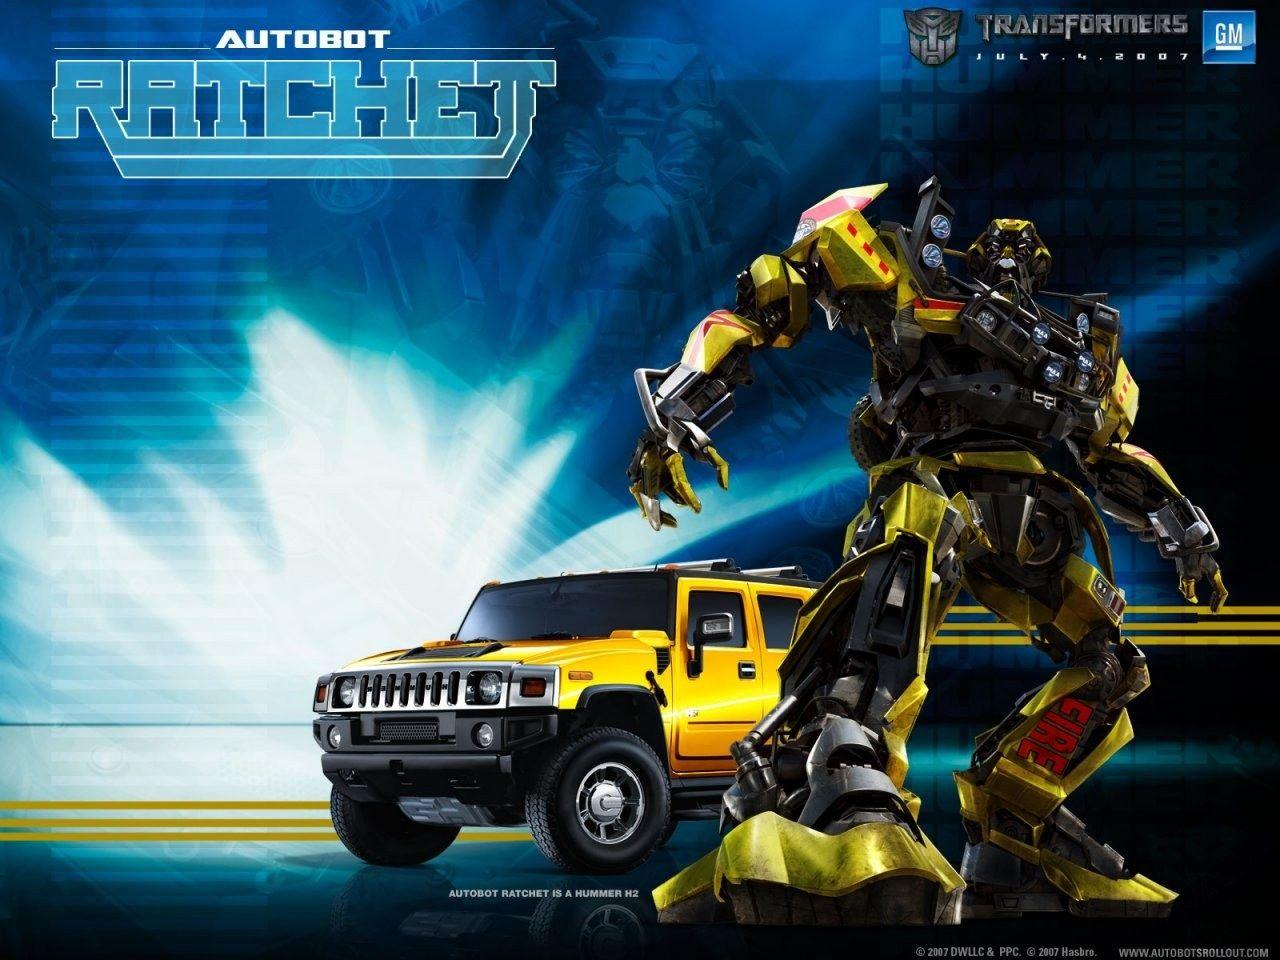 Transformers Transformers Transformers Wallpaper Fotos De Autos